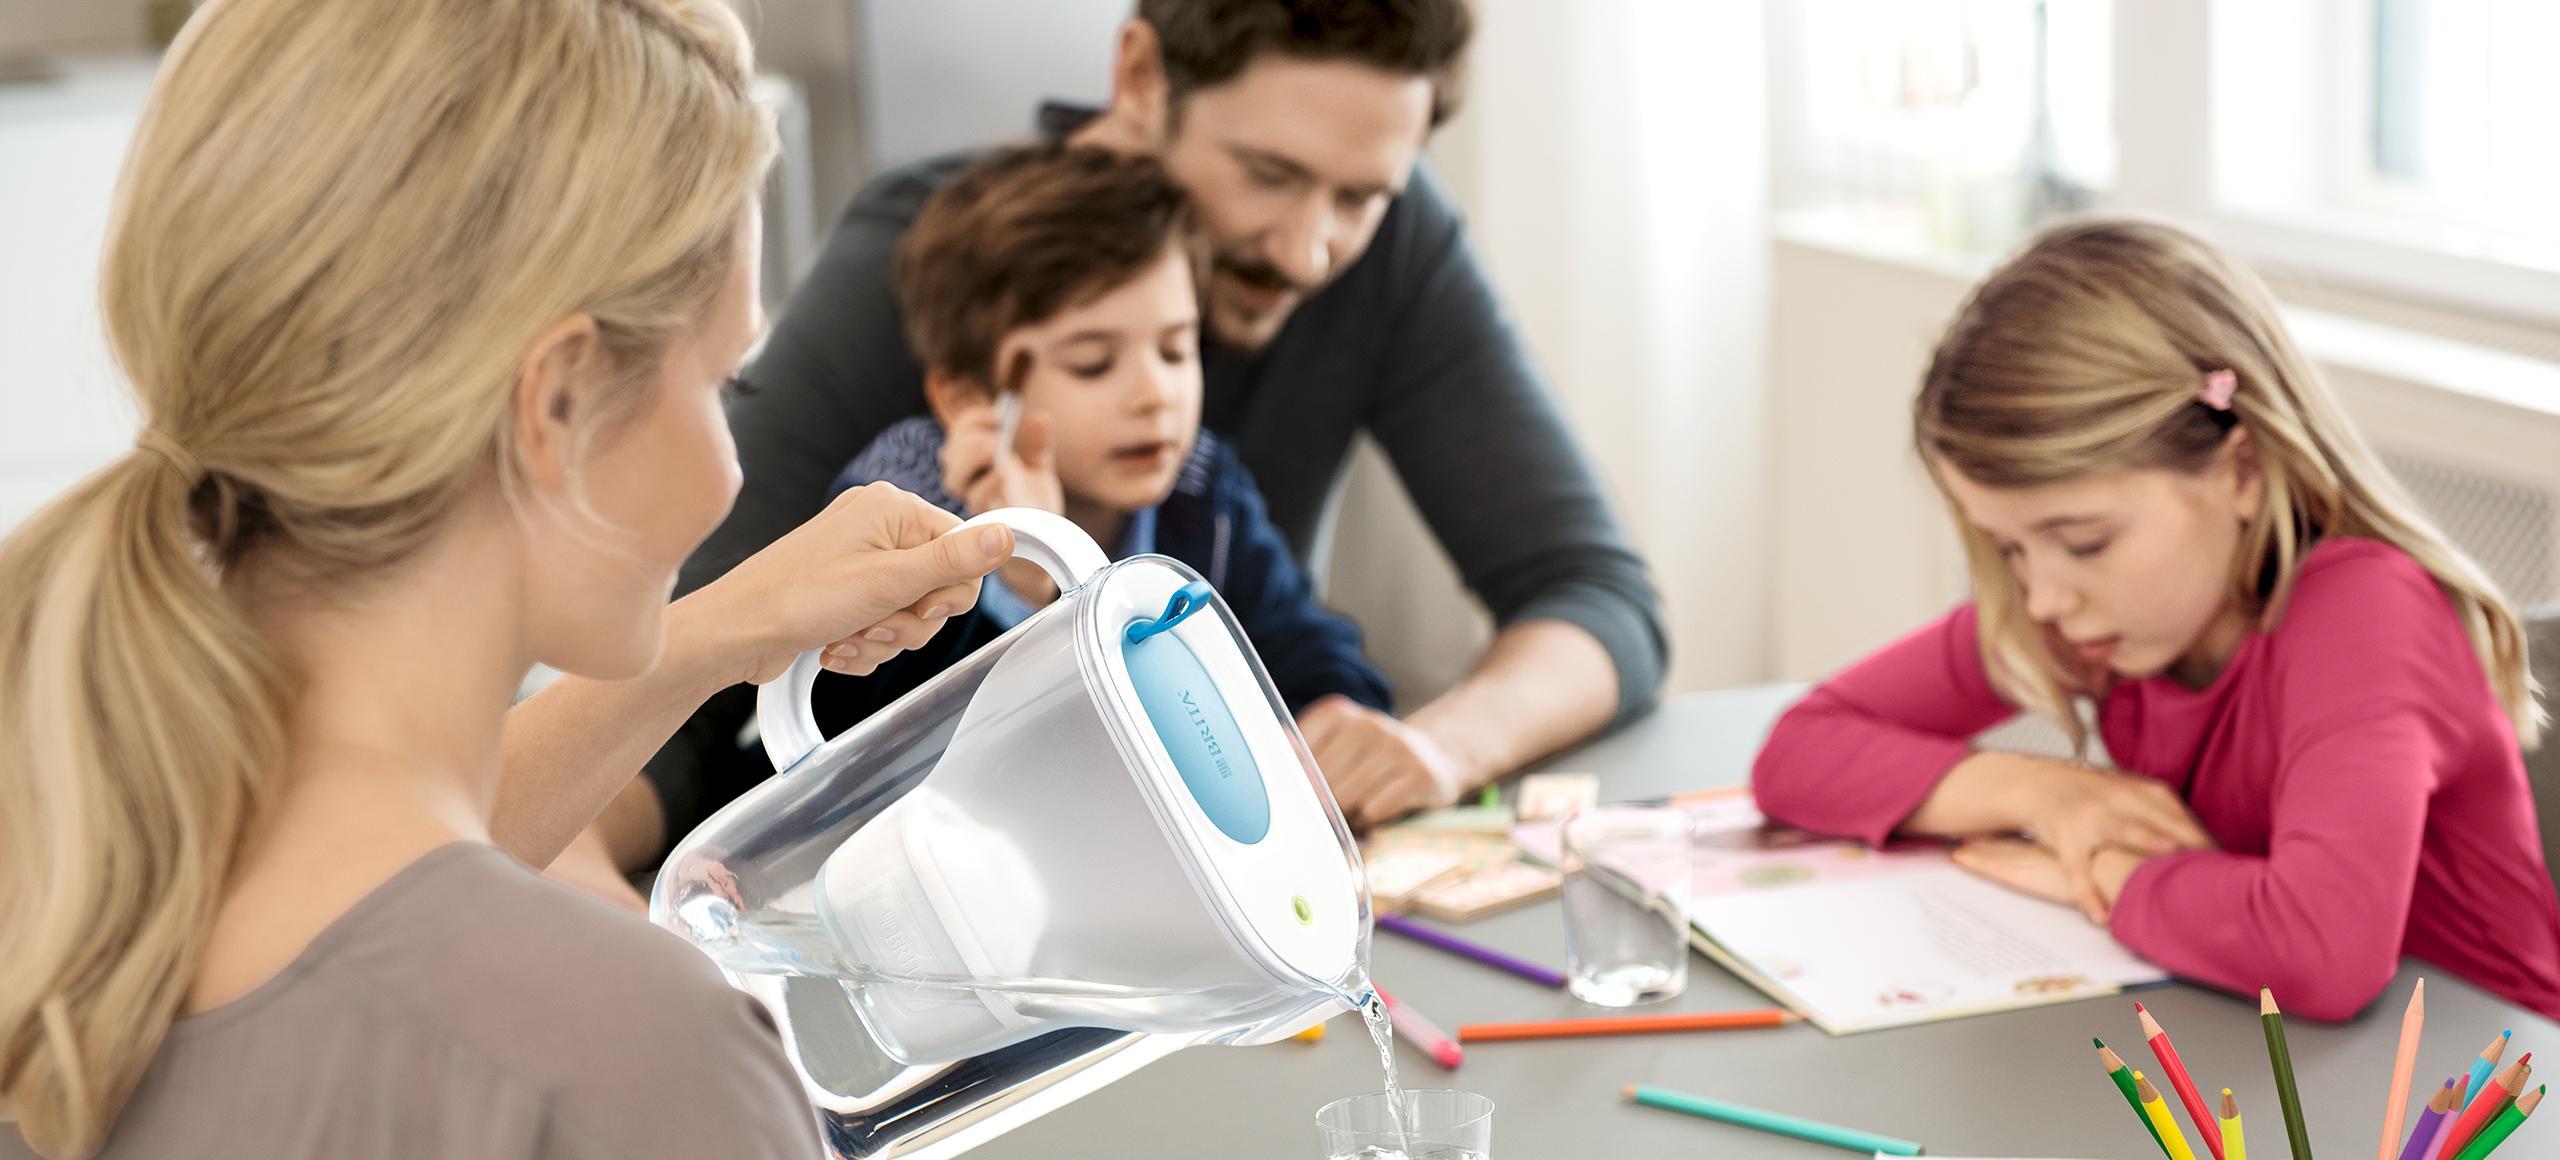 BRITA fill&enjoy Style water filter jug